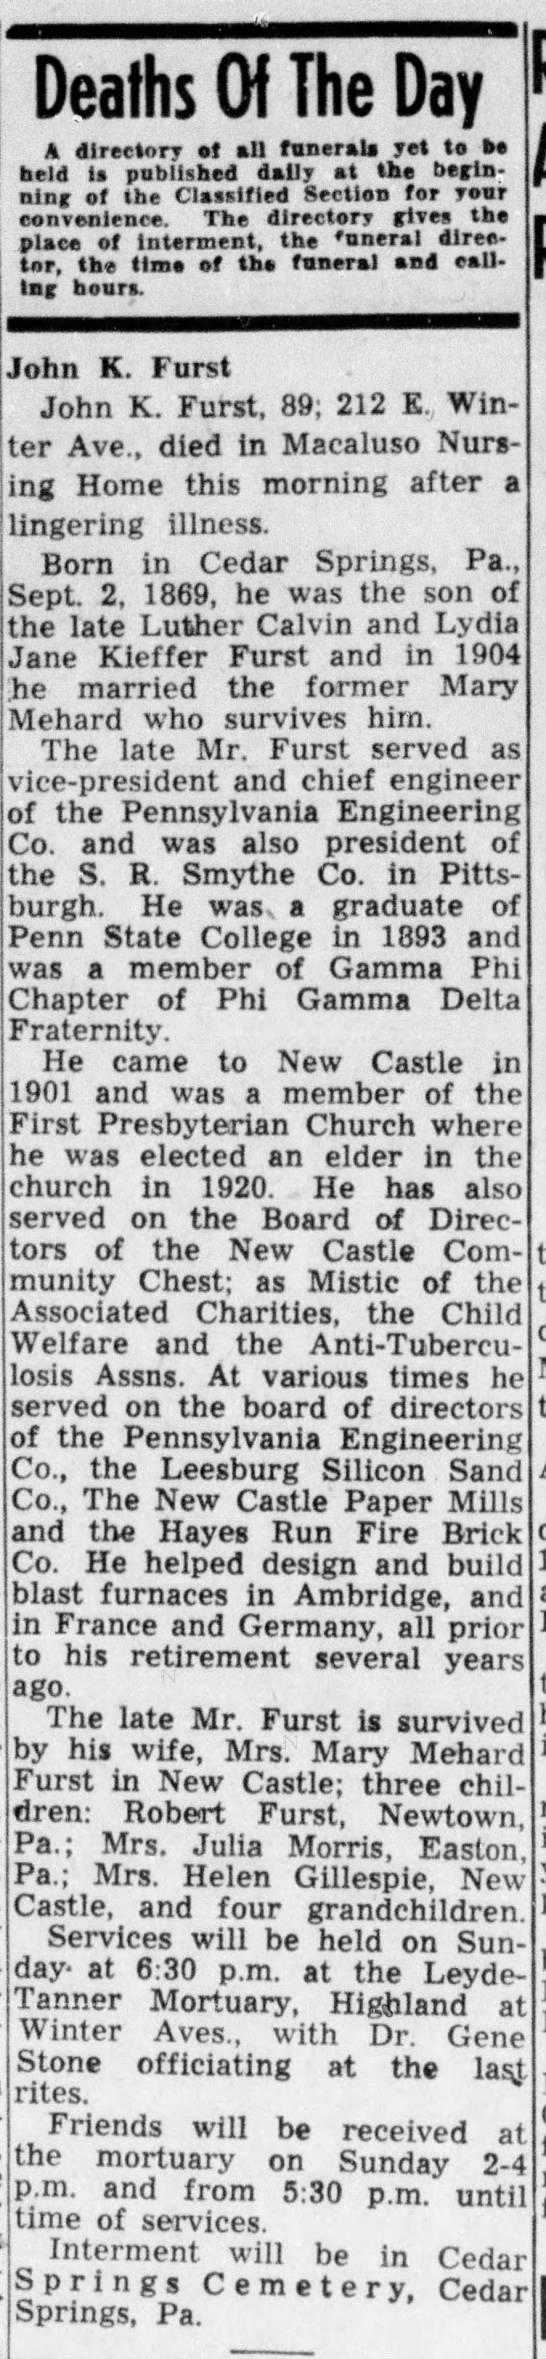 John Furst's Obituary - New Castle News, March 7, 1959 -